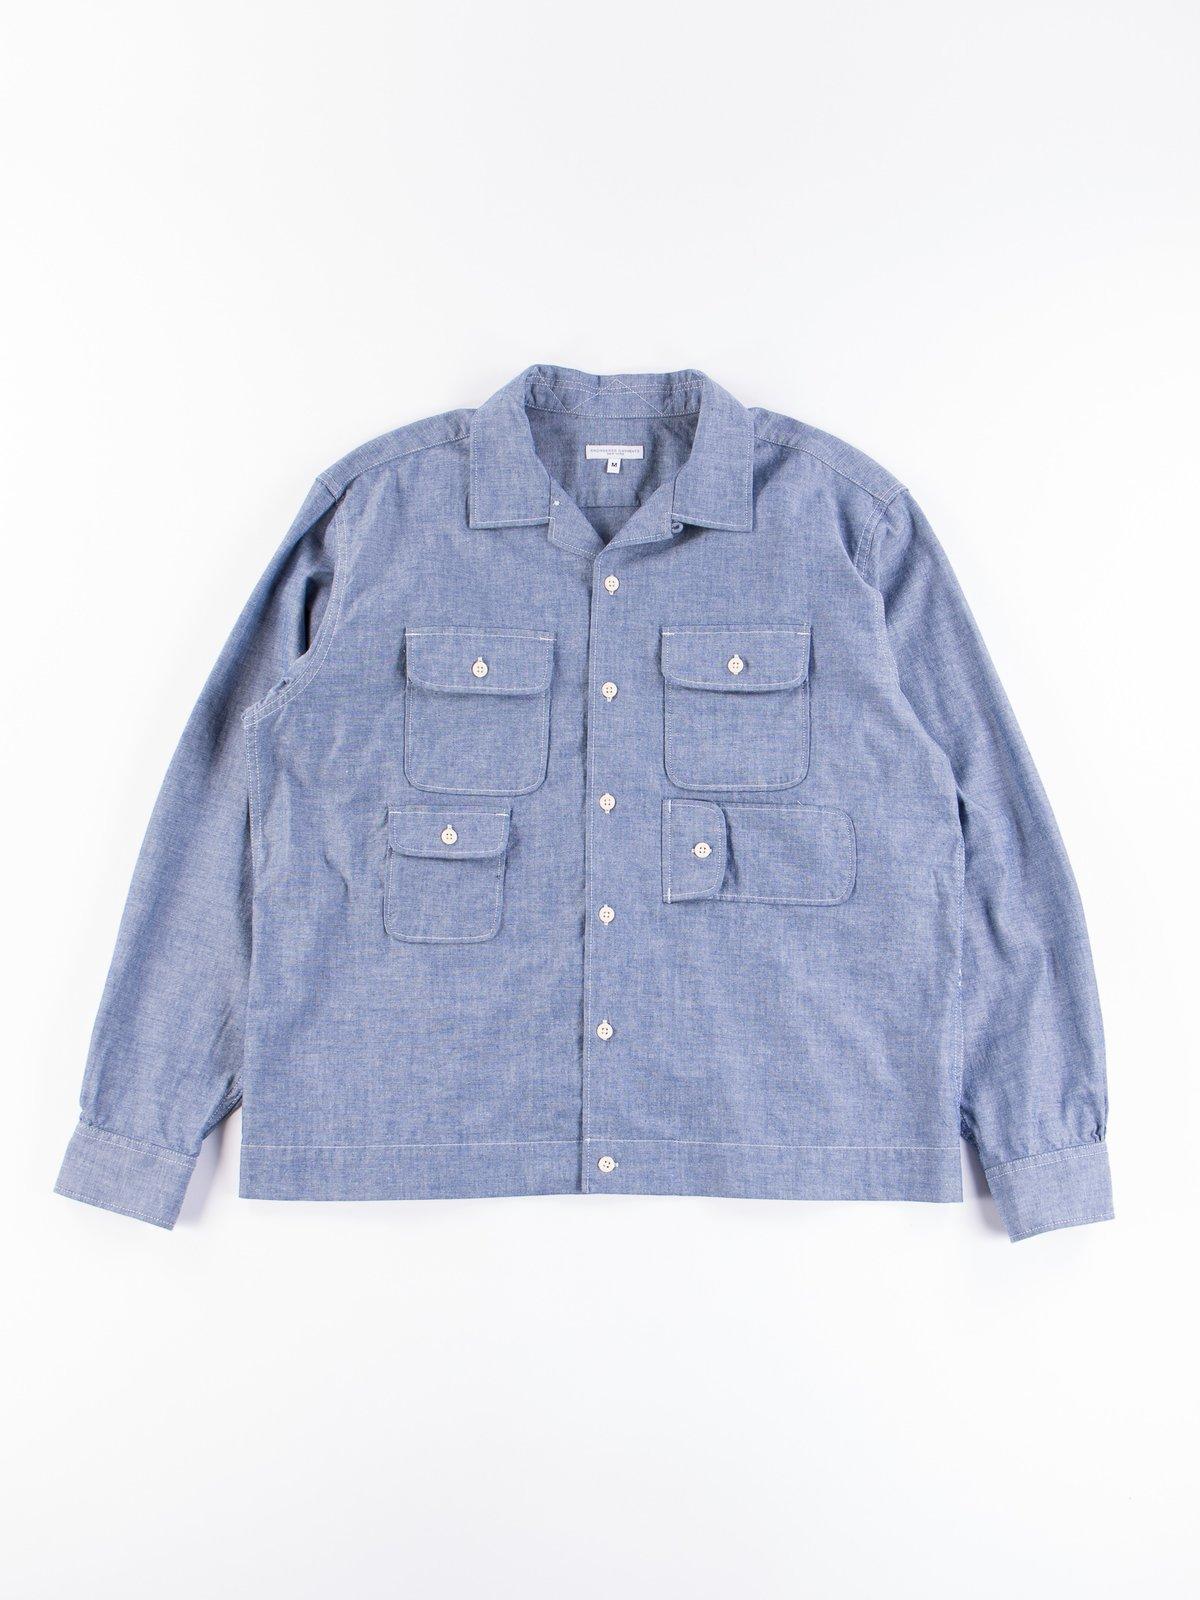 Blue Cotton Chambray Bowling Shirt - Image 1